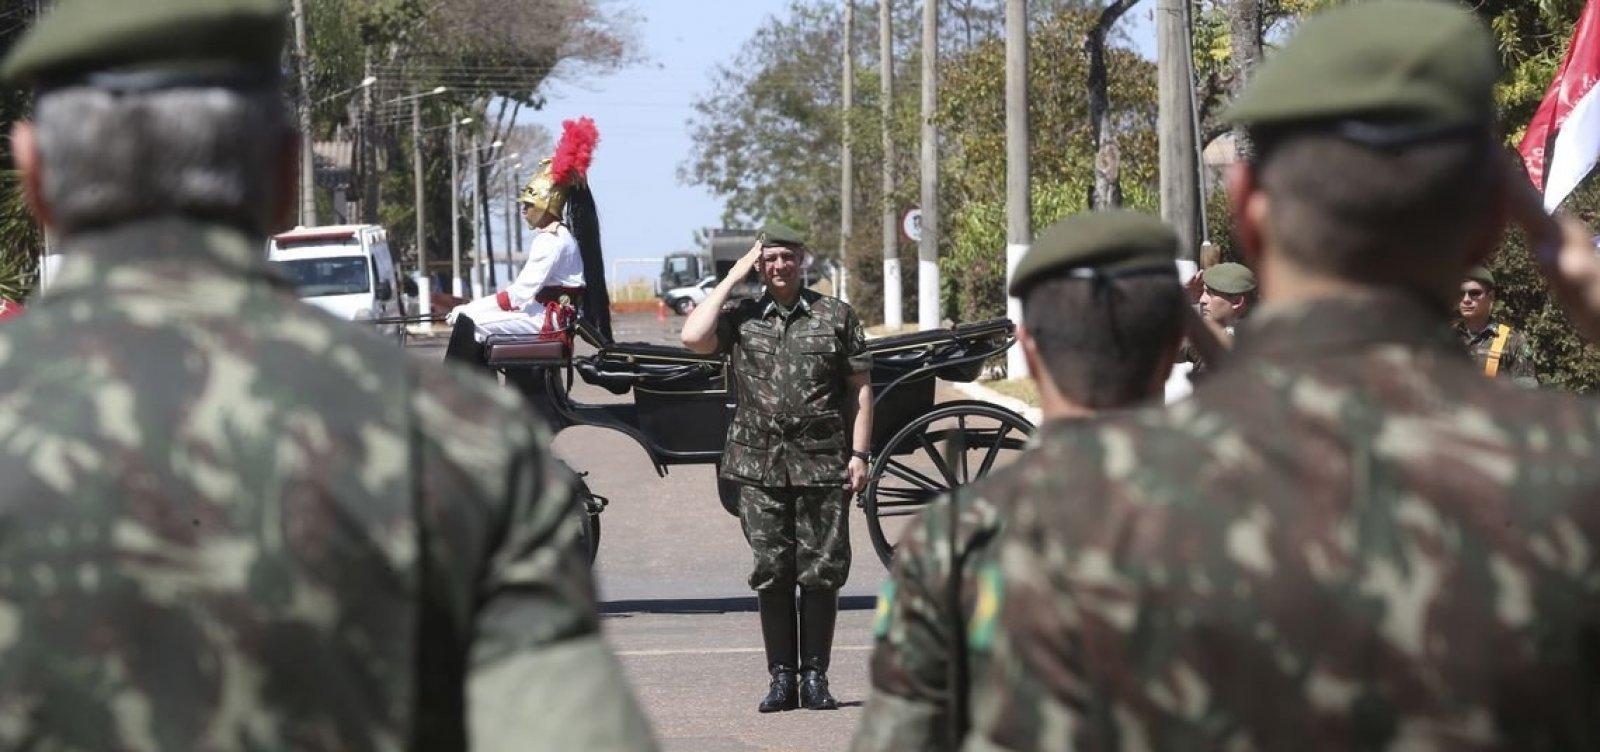 [Bolsonaro diz que governo honra militares e respeita o povo]